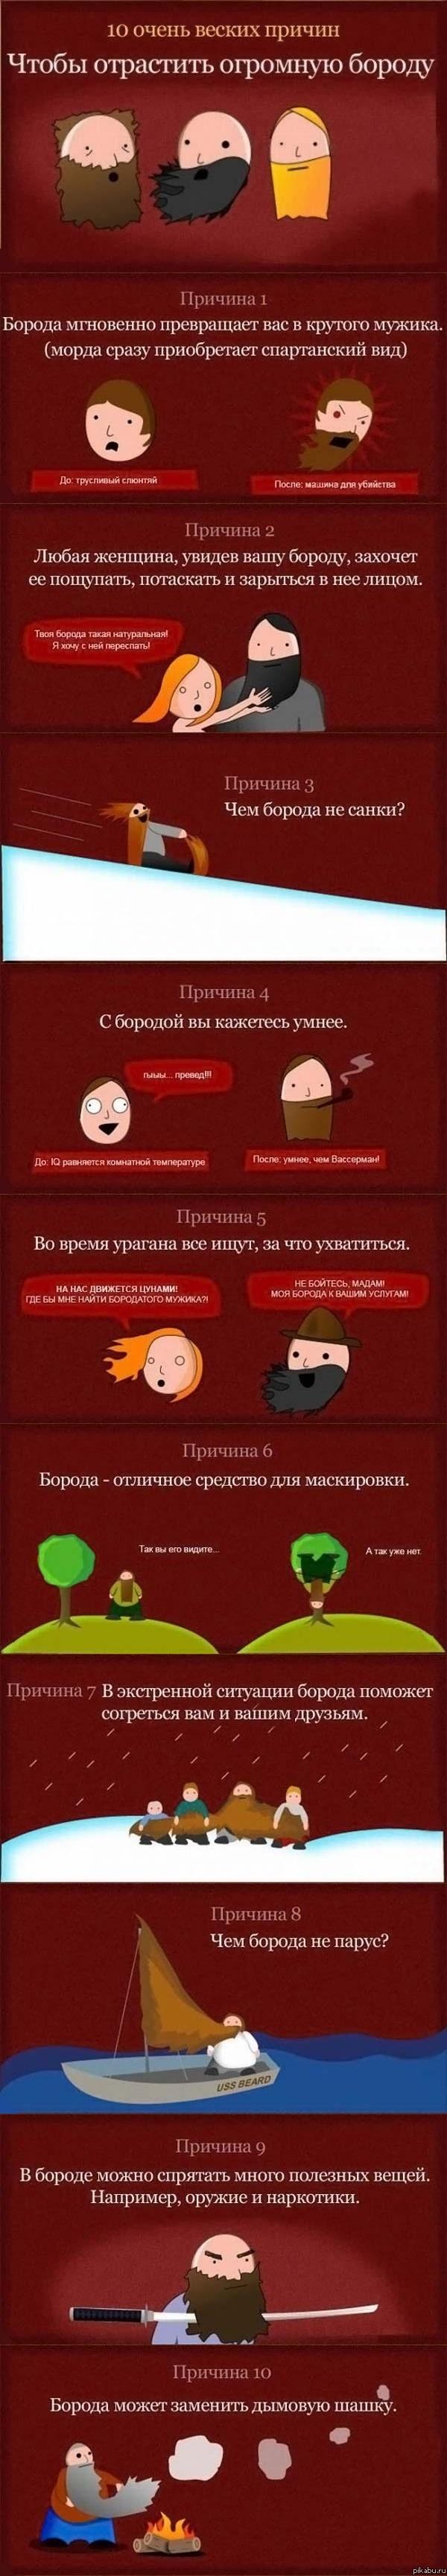 Зачем нужна борода длинная картинка